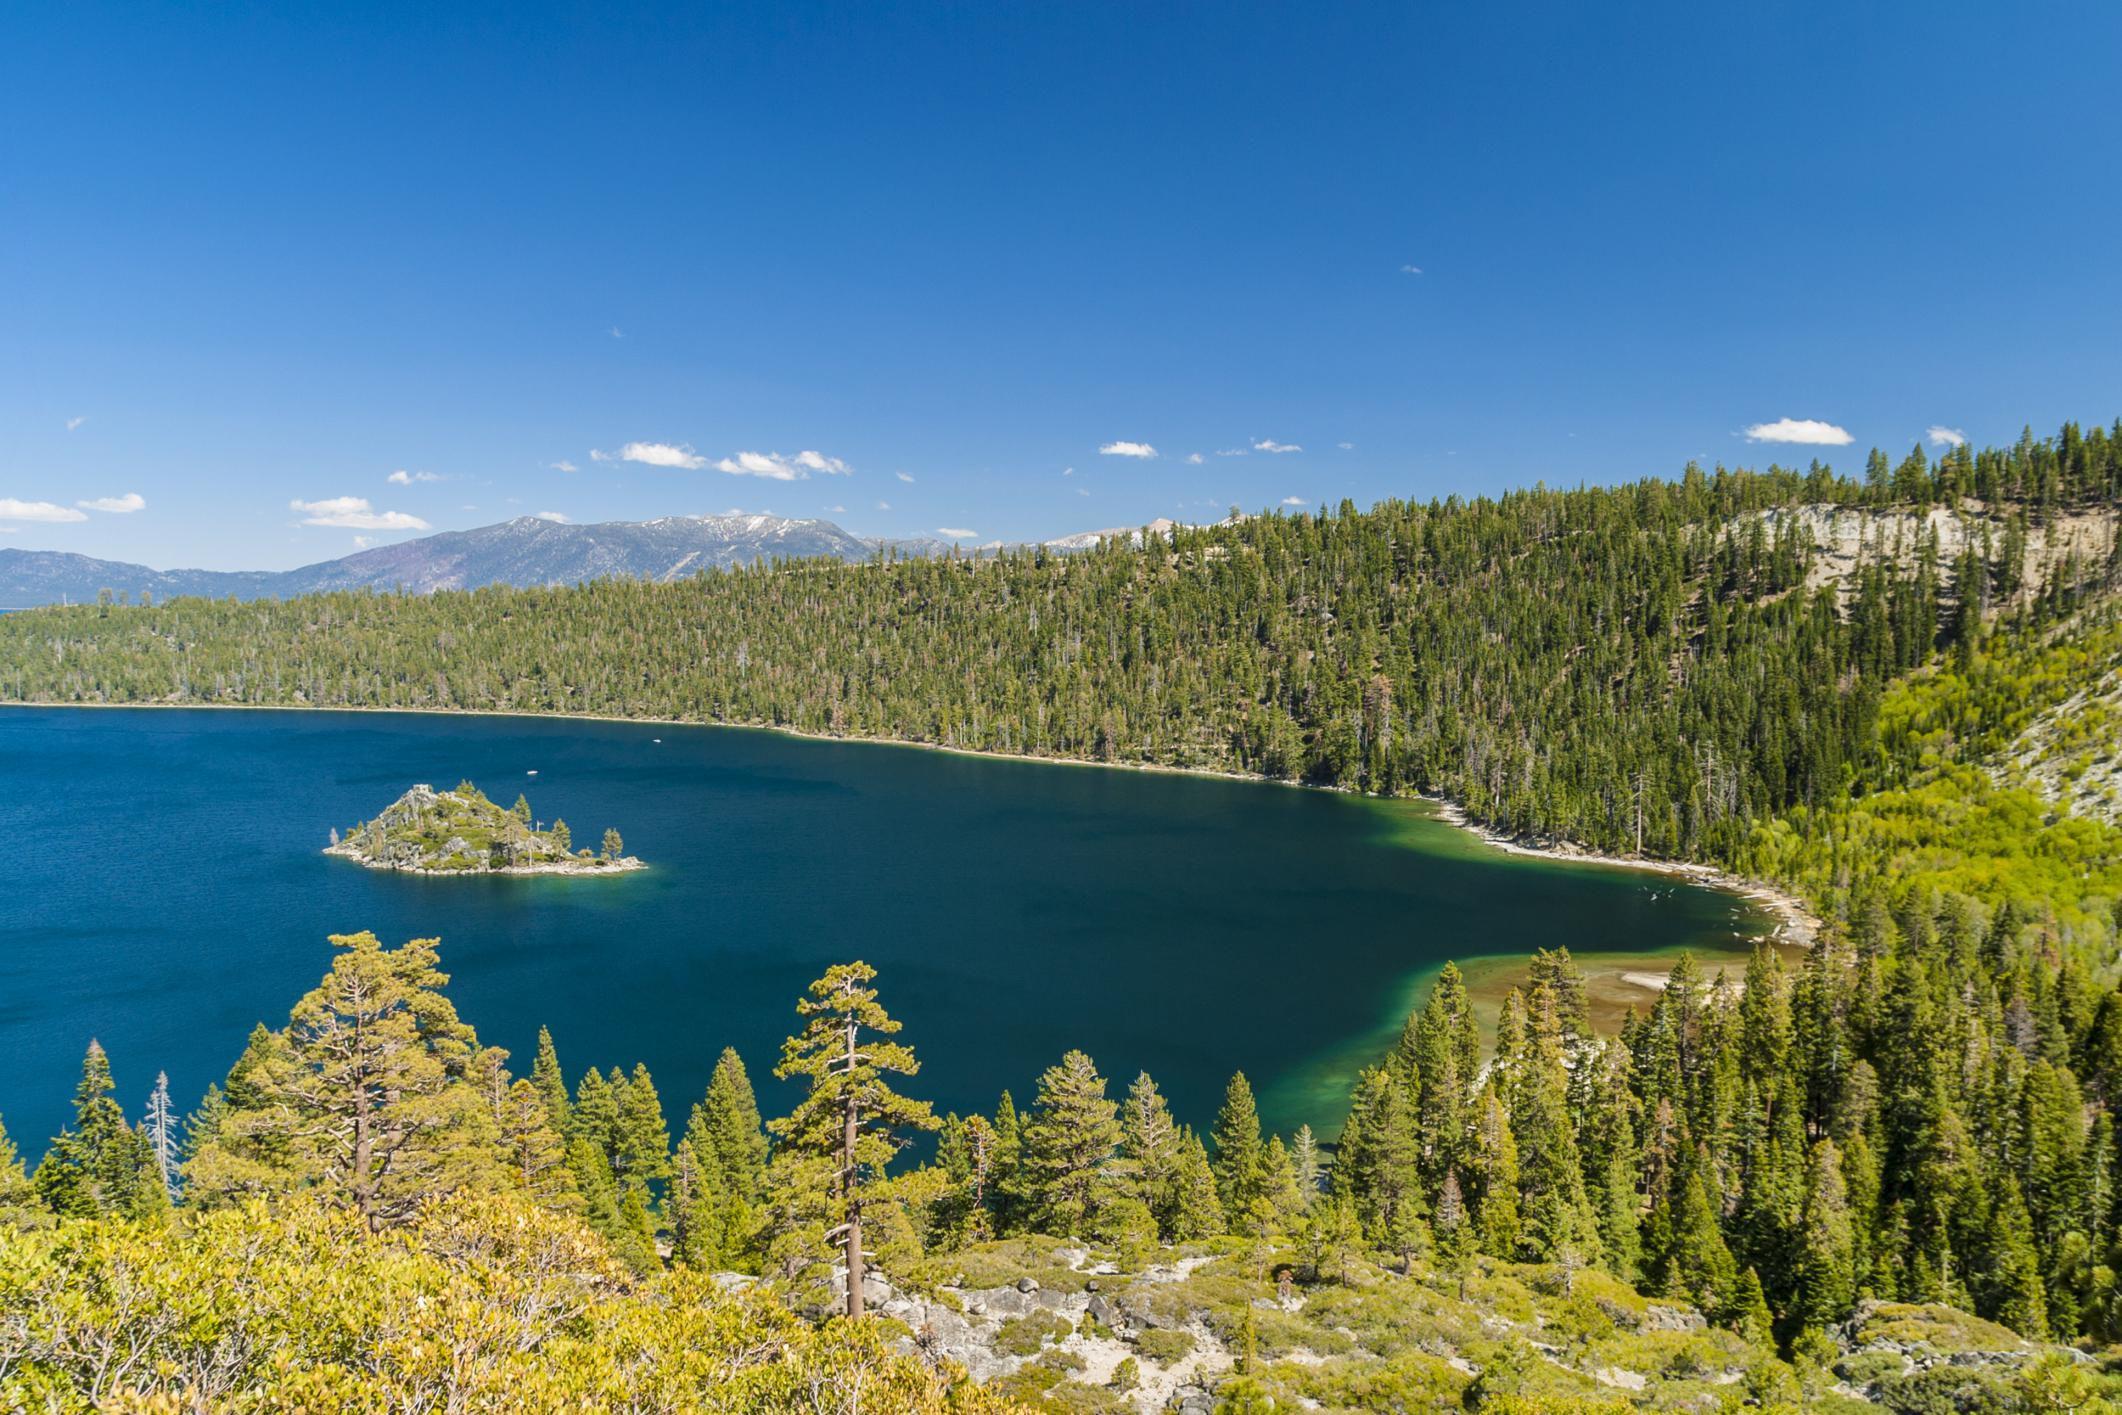 připojte se k jezeru Tahoe na jihu Seznamovací služba pro policisty a hasiče